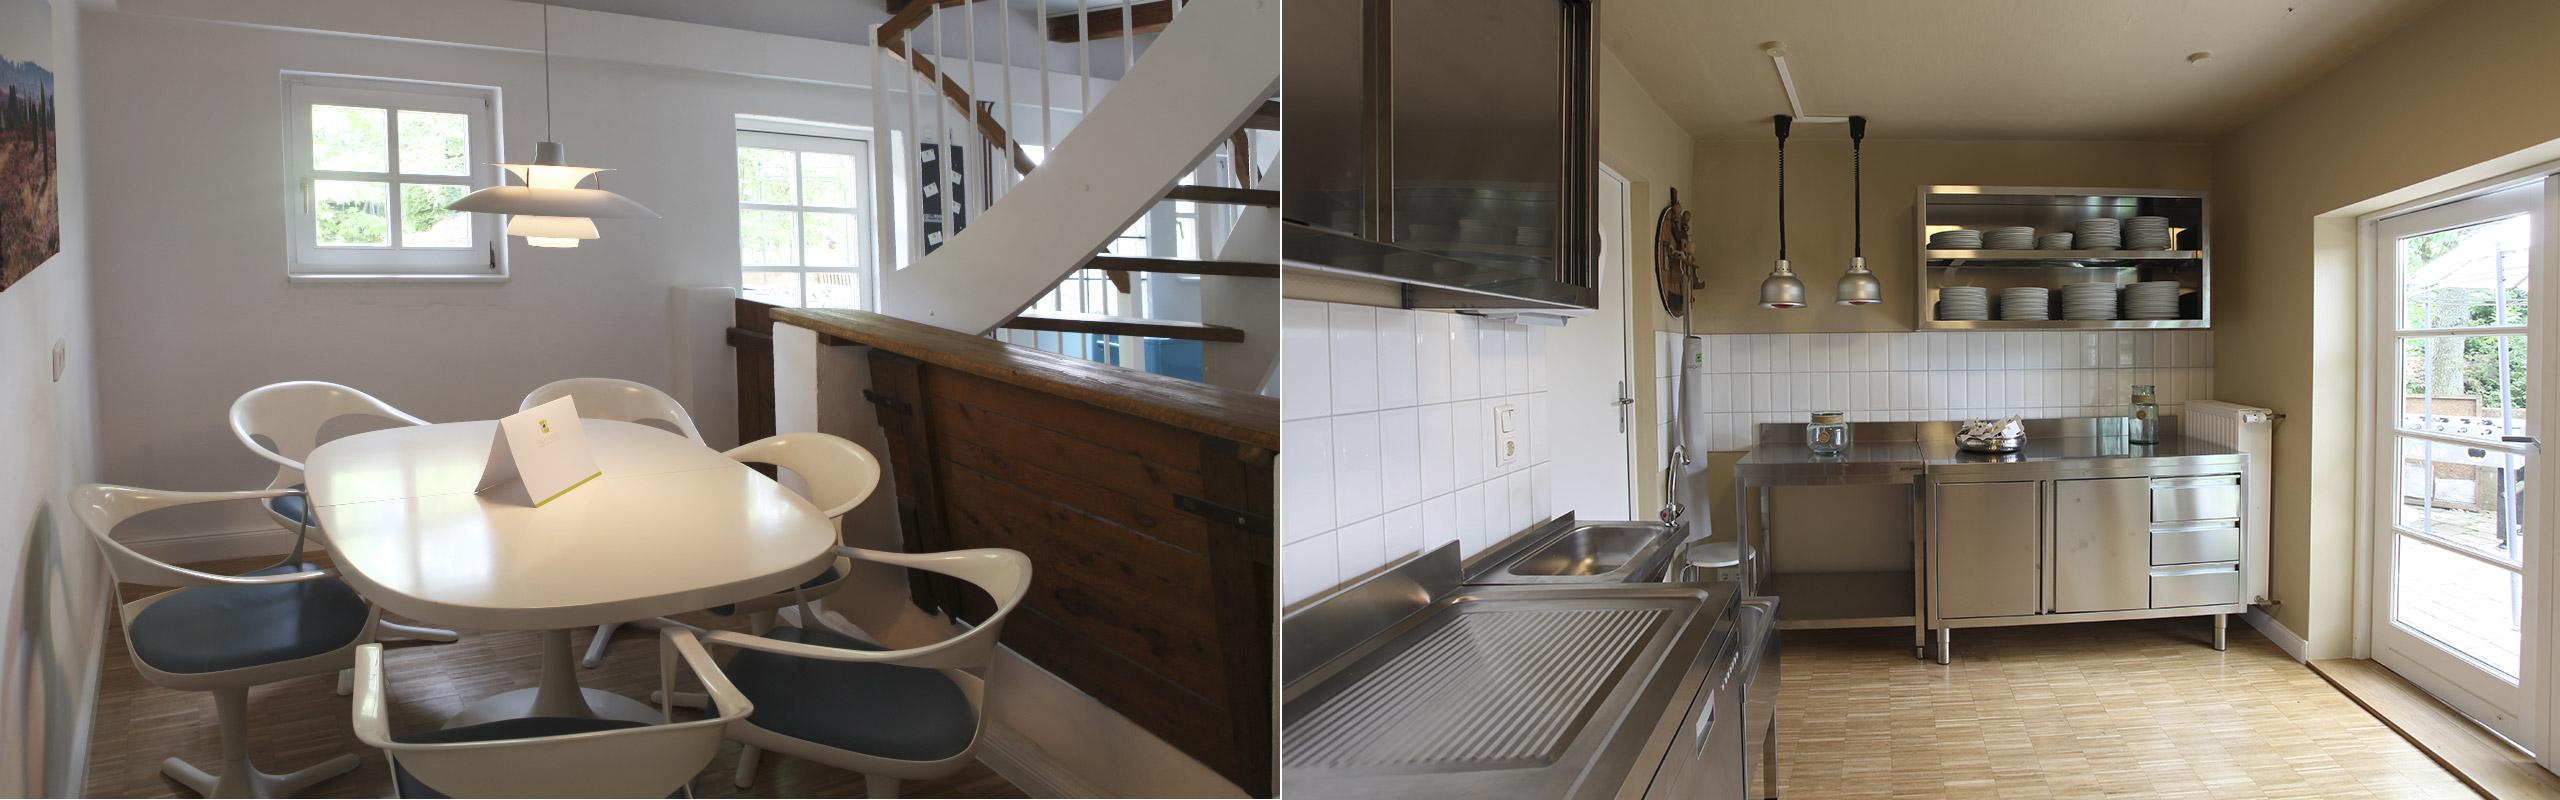 Seminarhaus Fachwerk63 Lounge und Küche